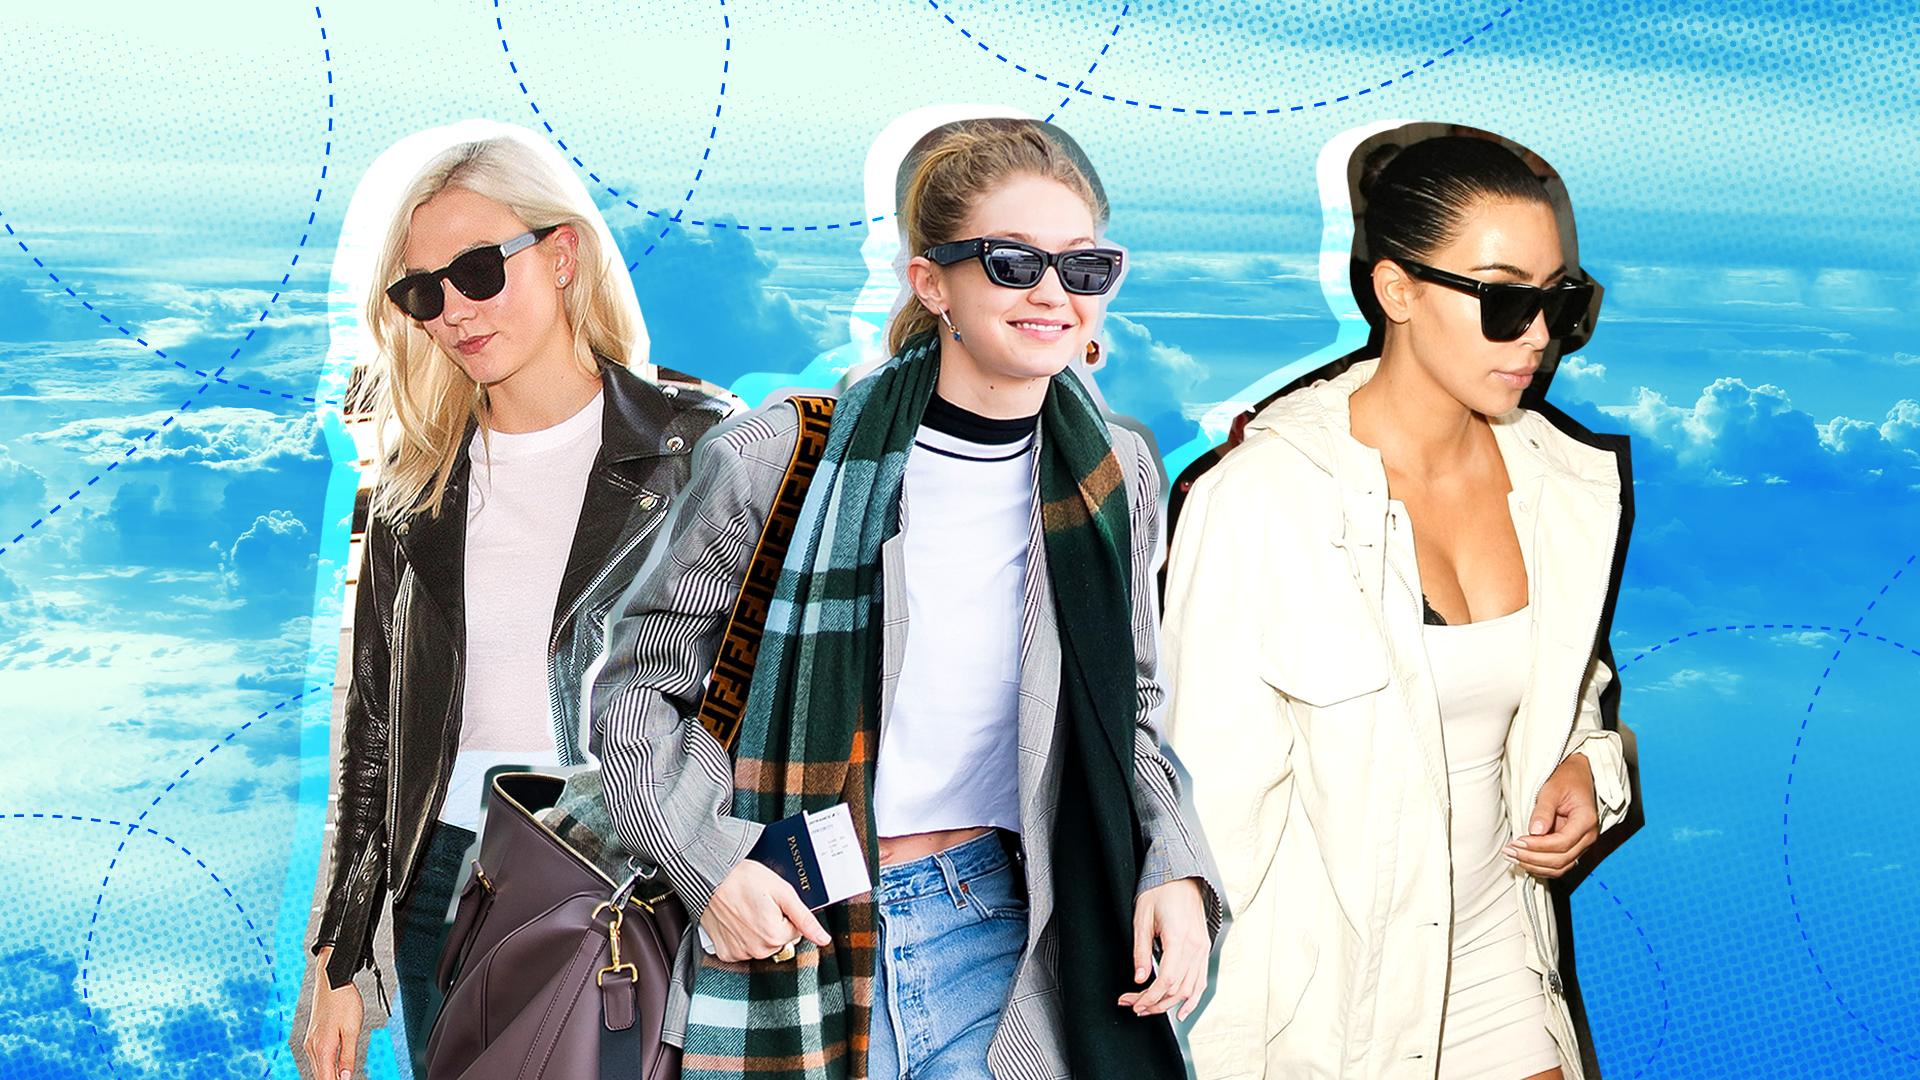 Celebrities travel beauty tips